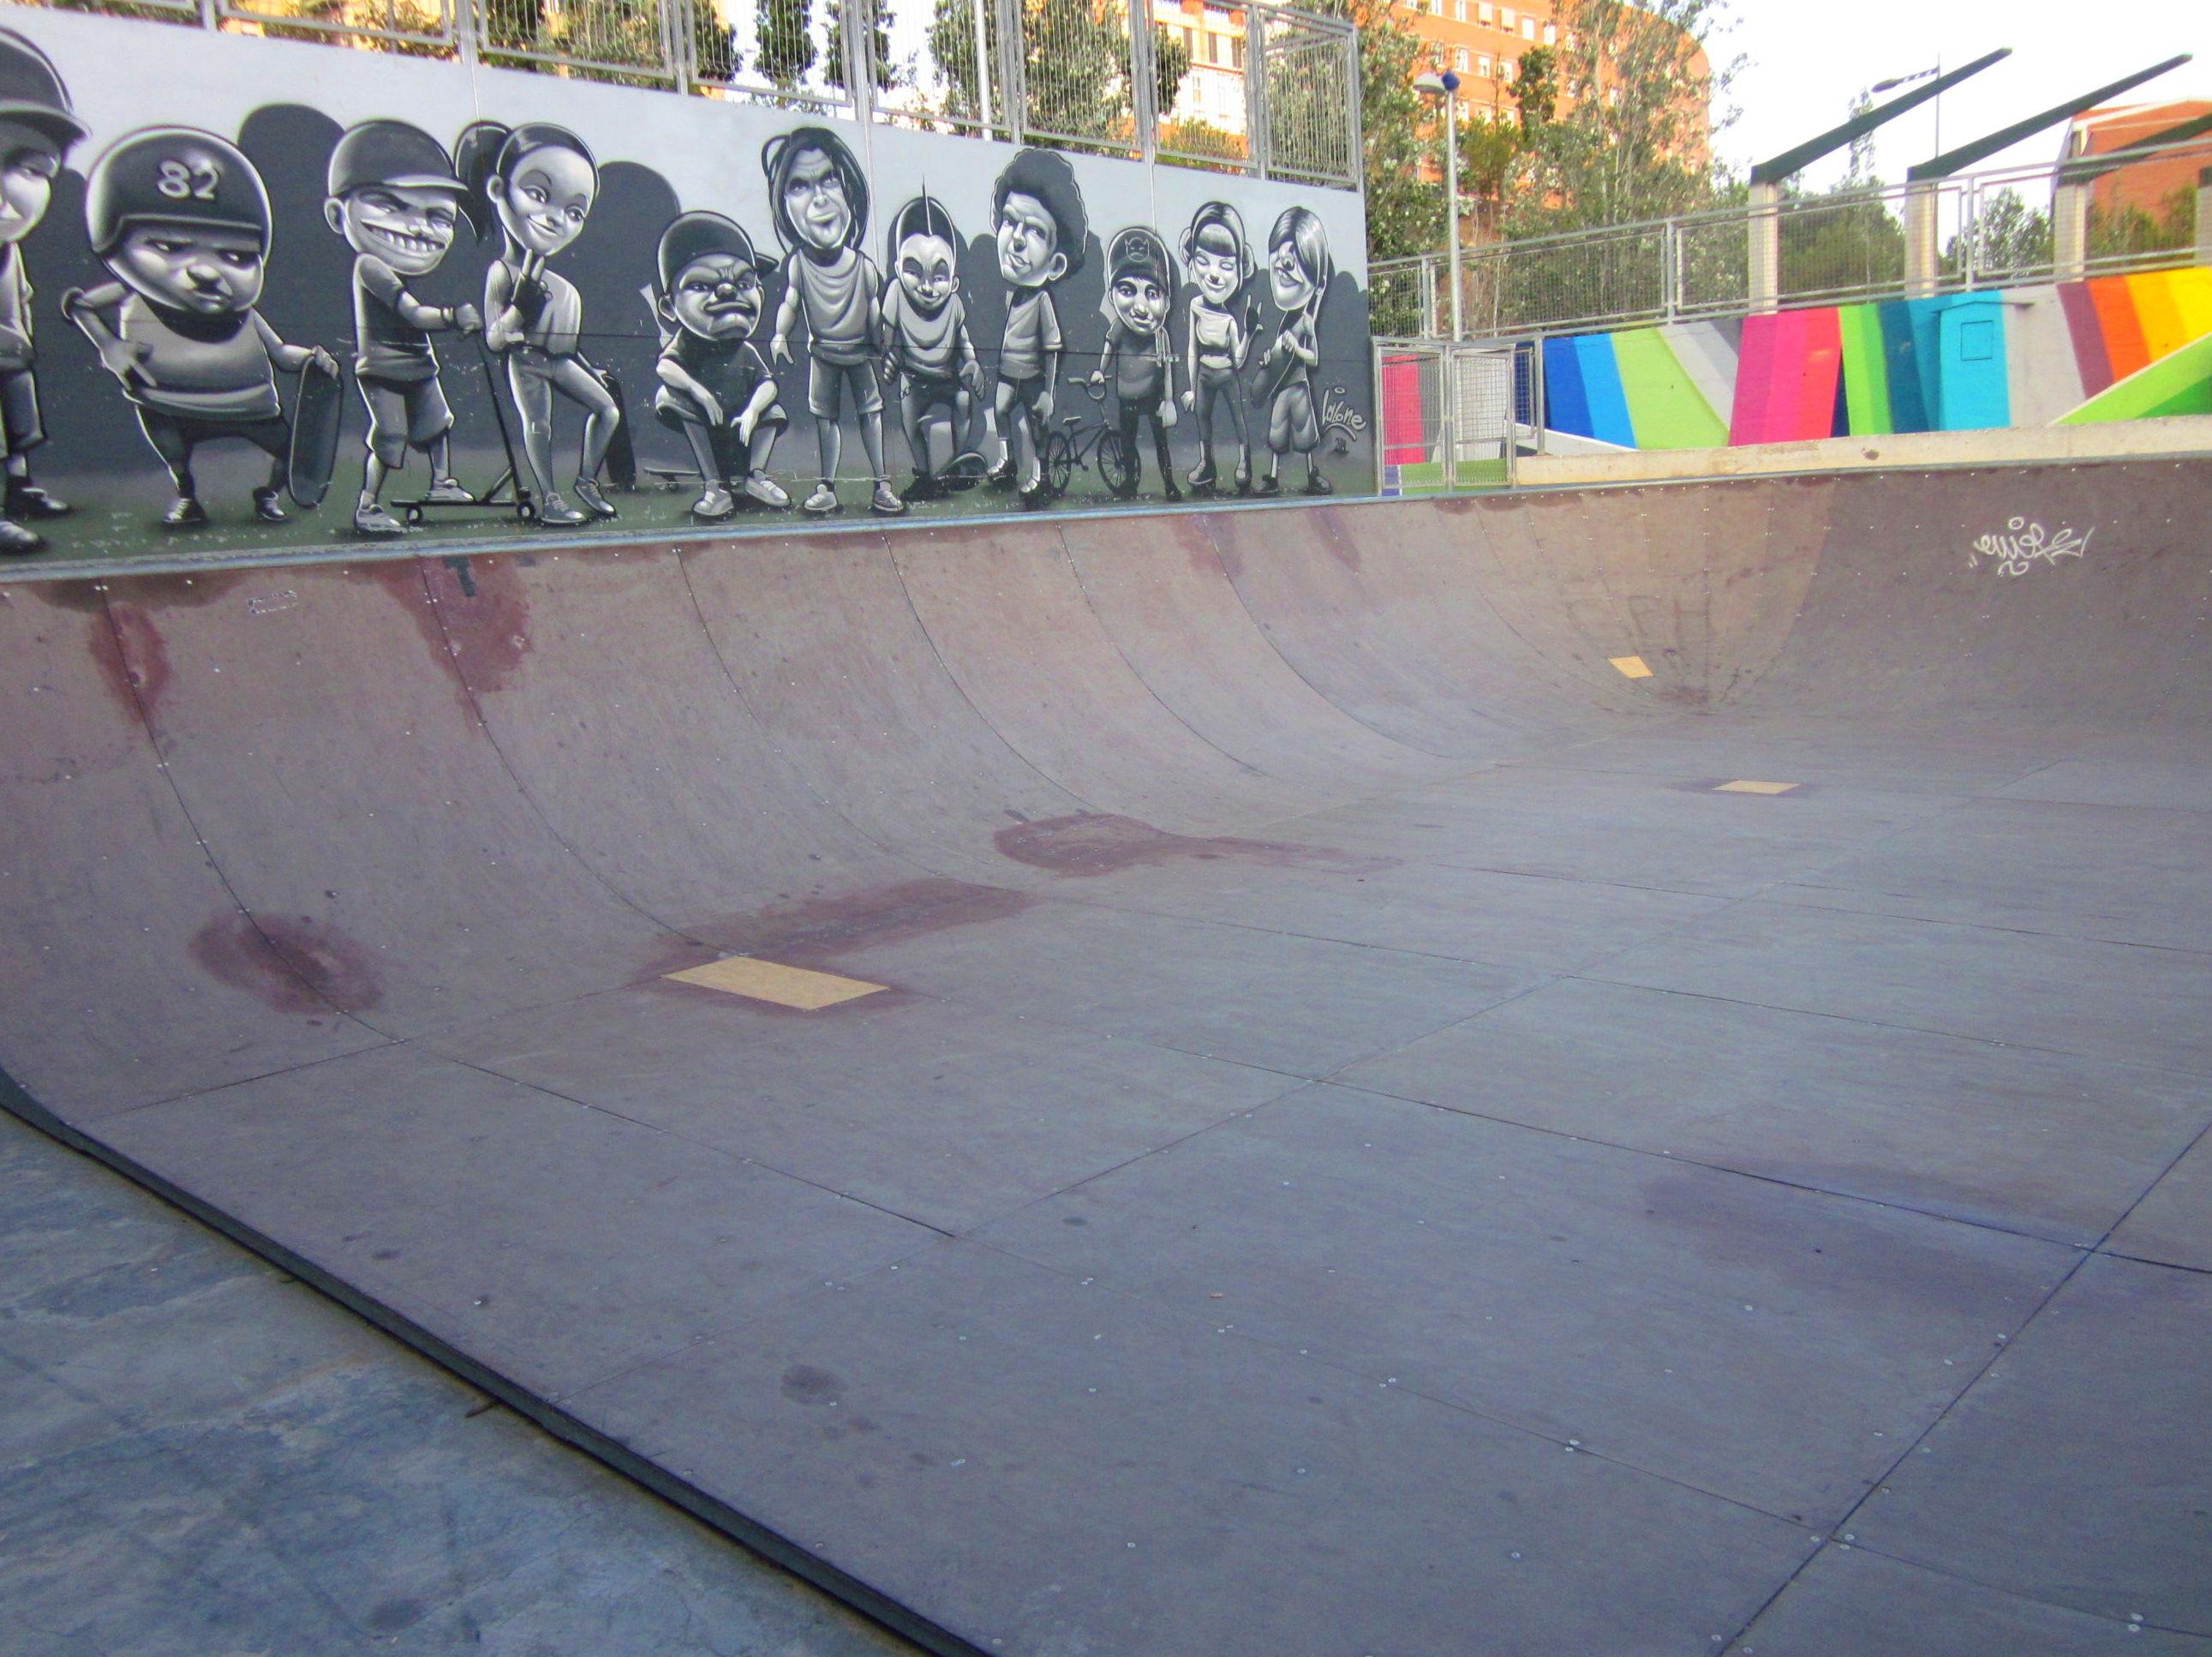 Foto 7 de Skate en Amorebieta | Osso Skateparks